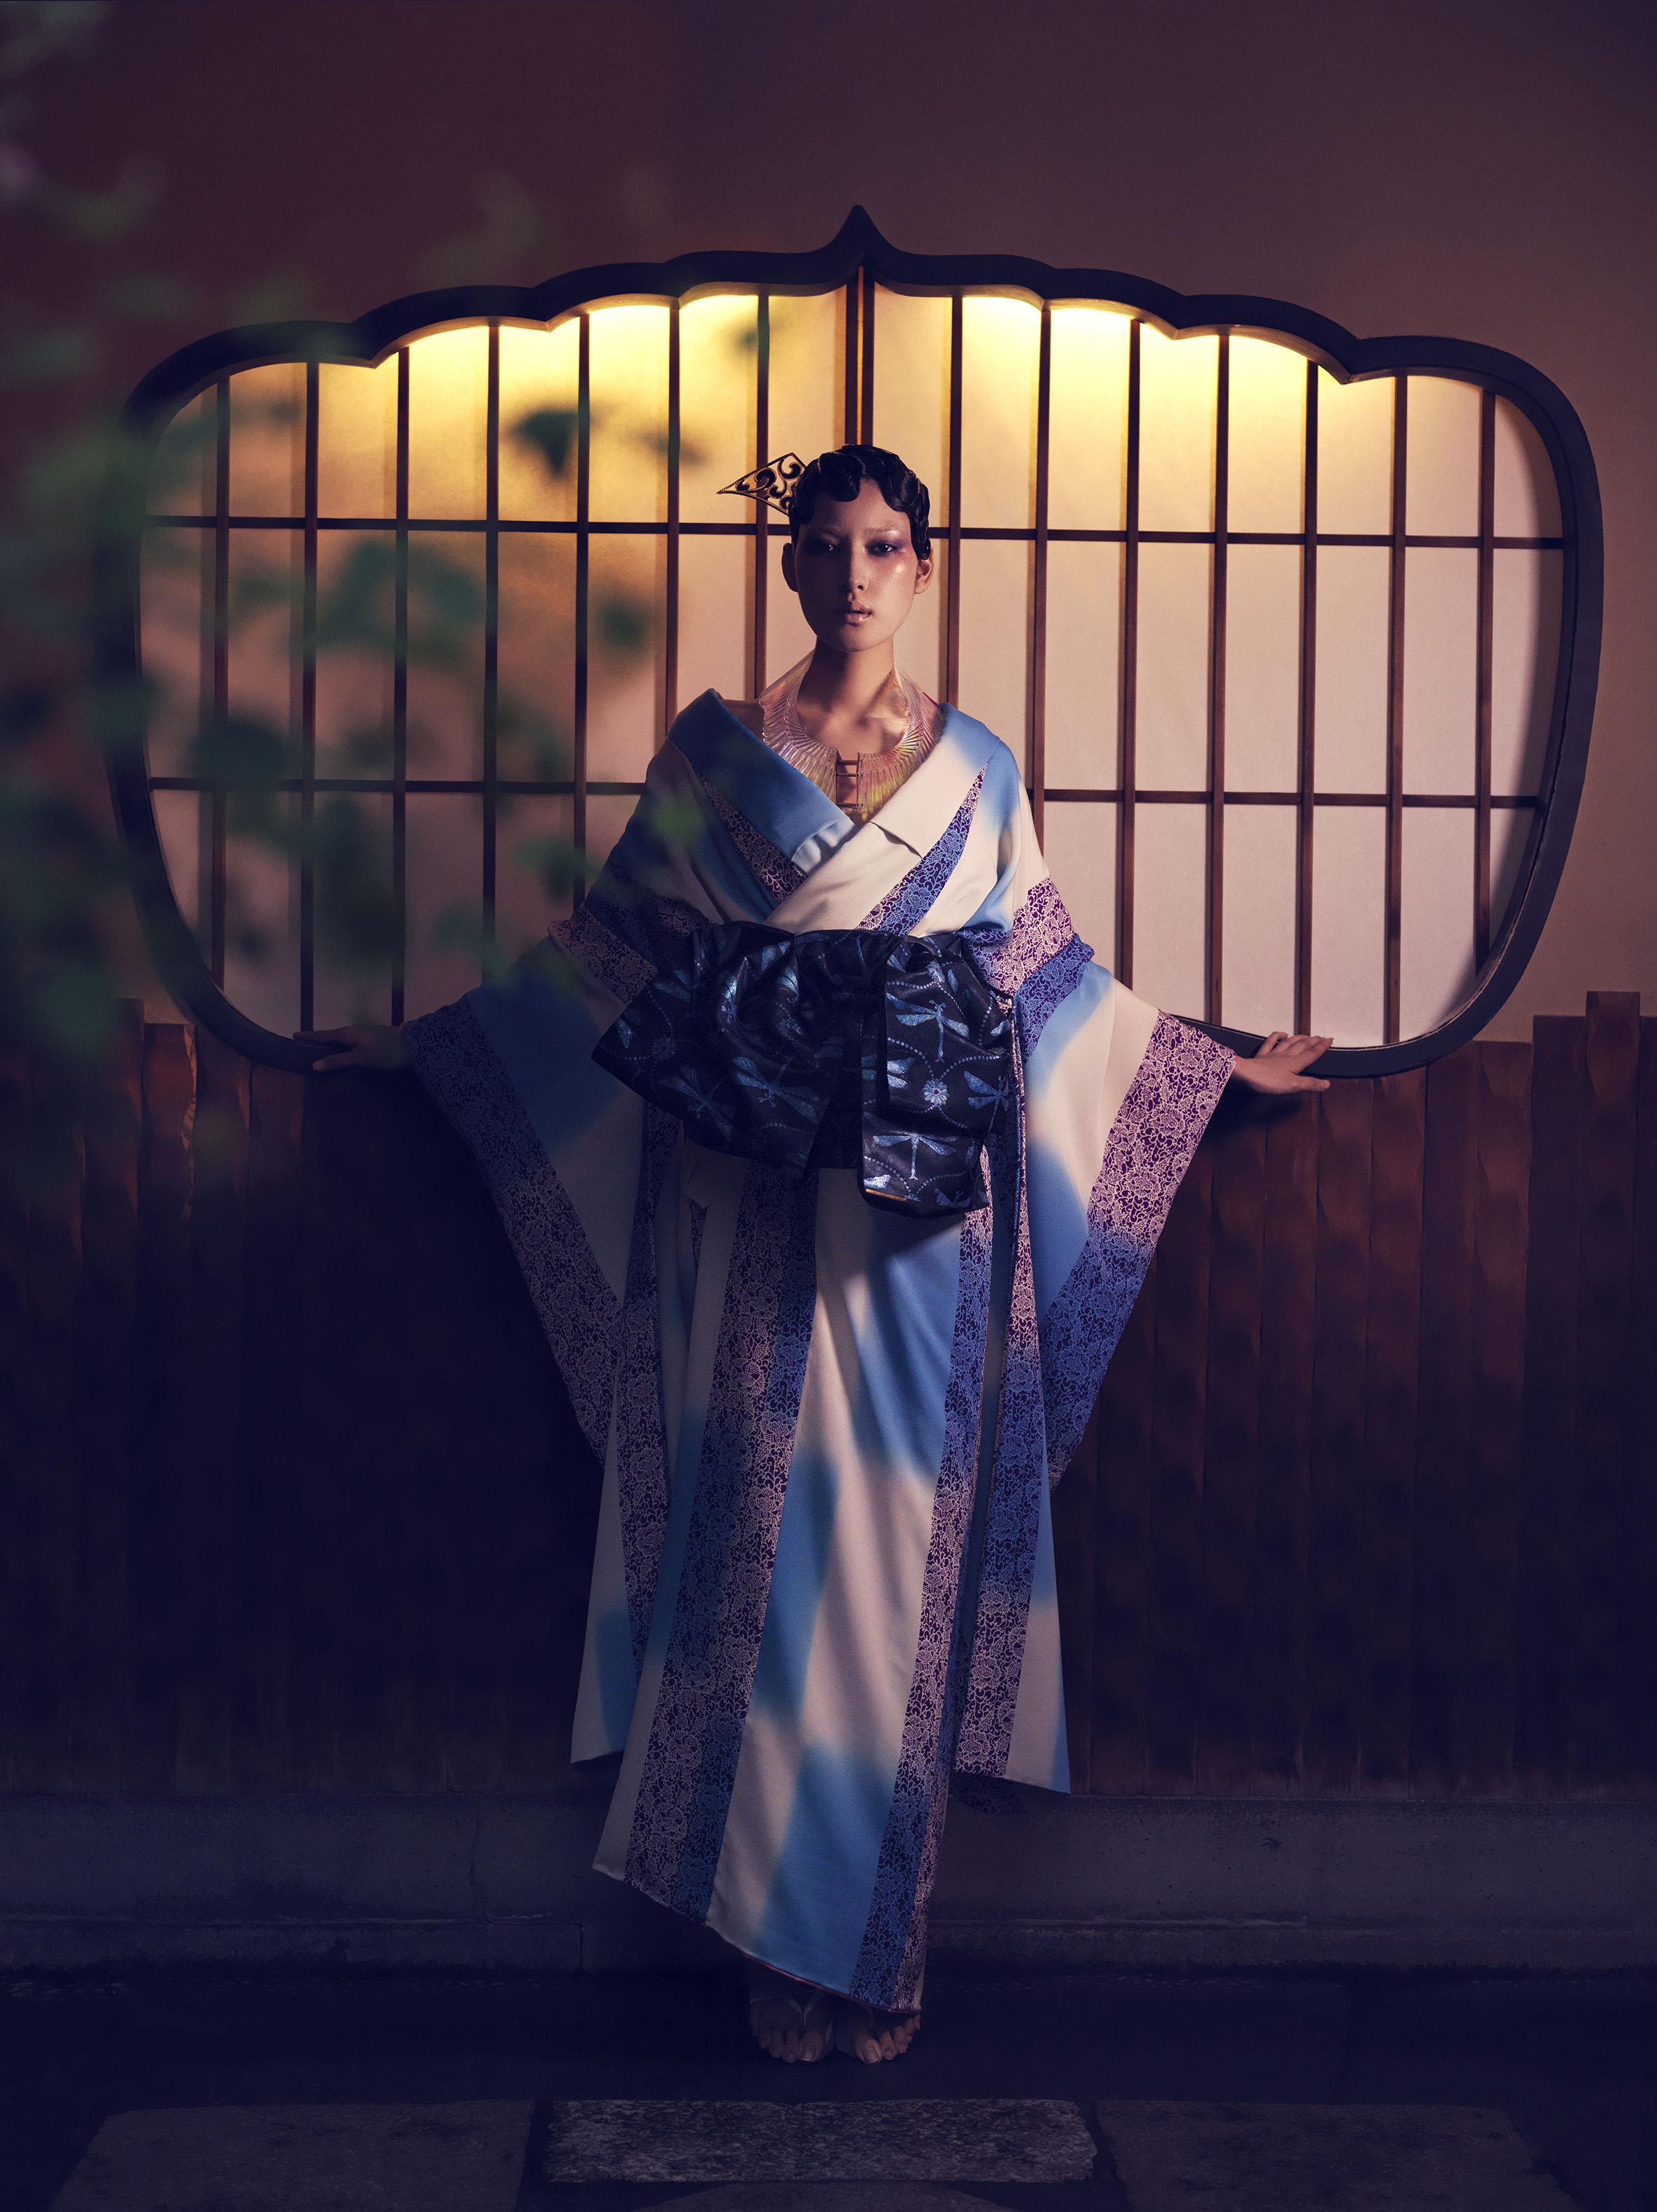 kimono-new-look-%e8%85%b0%e5%a1%9a%e5%85%89%e6%99%83-%e8%a5%bf%e5%b2%a1%e3%83%9a%e3%83%b3%e3%82%b7%e3%83%ab-2